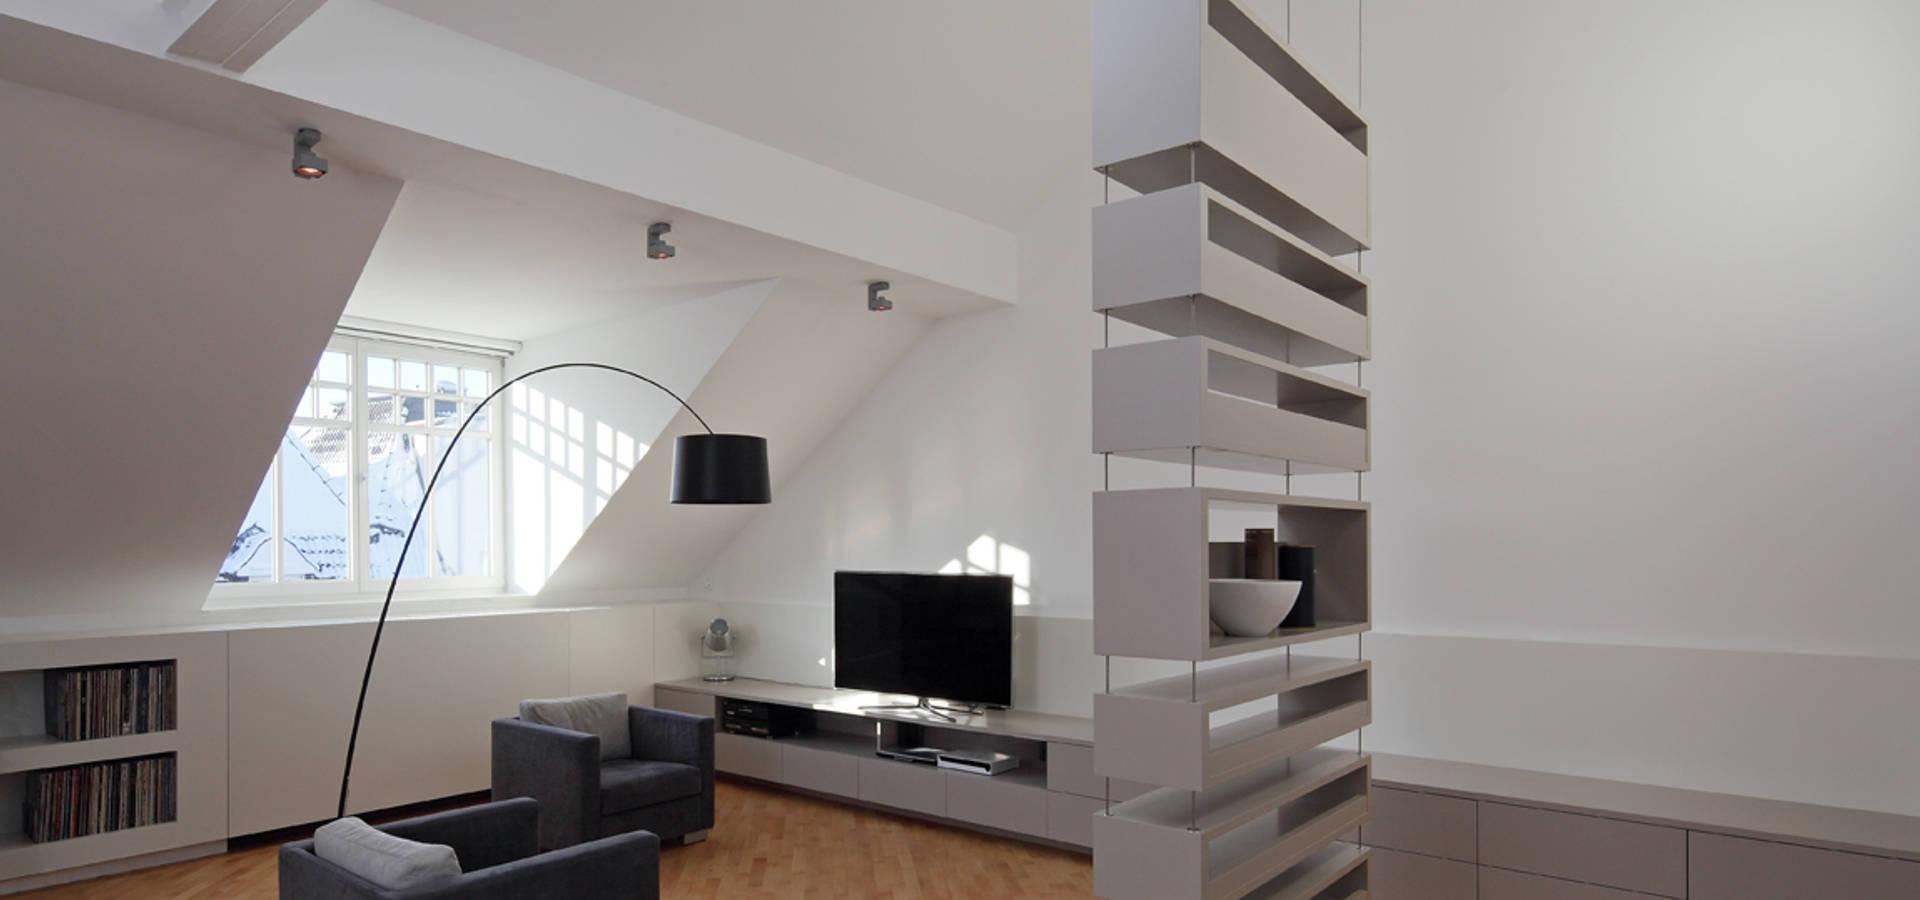 Innenarchitektur Oder Architektur able firmenzentrale gummersbach by raumkontor